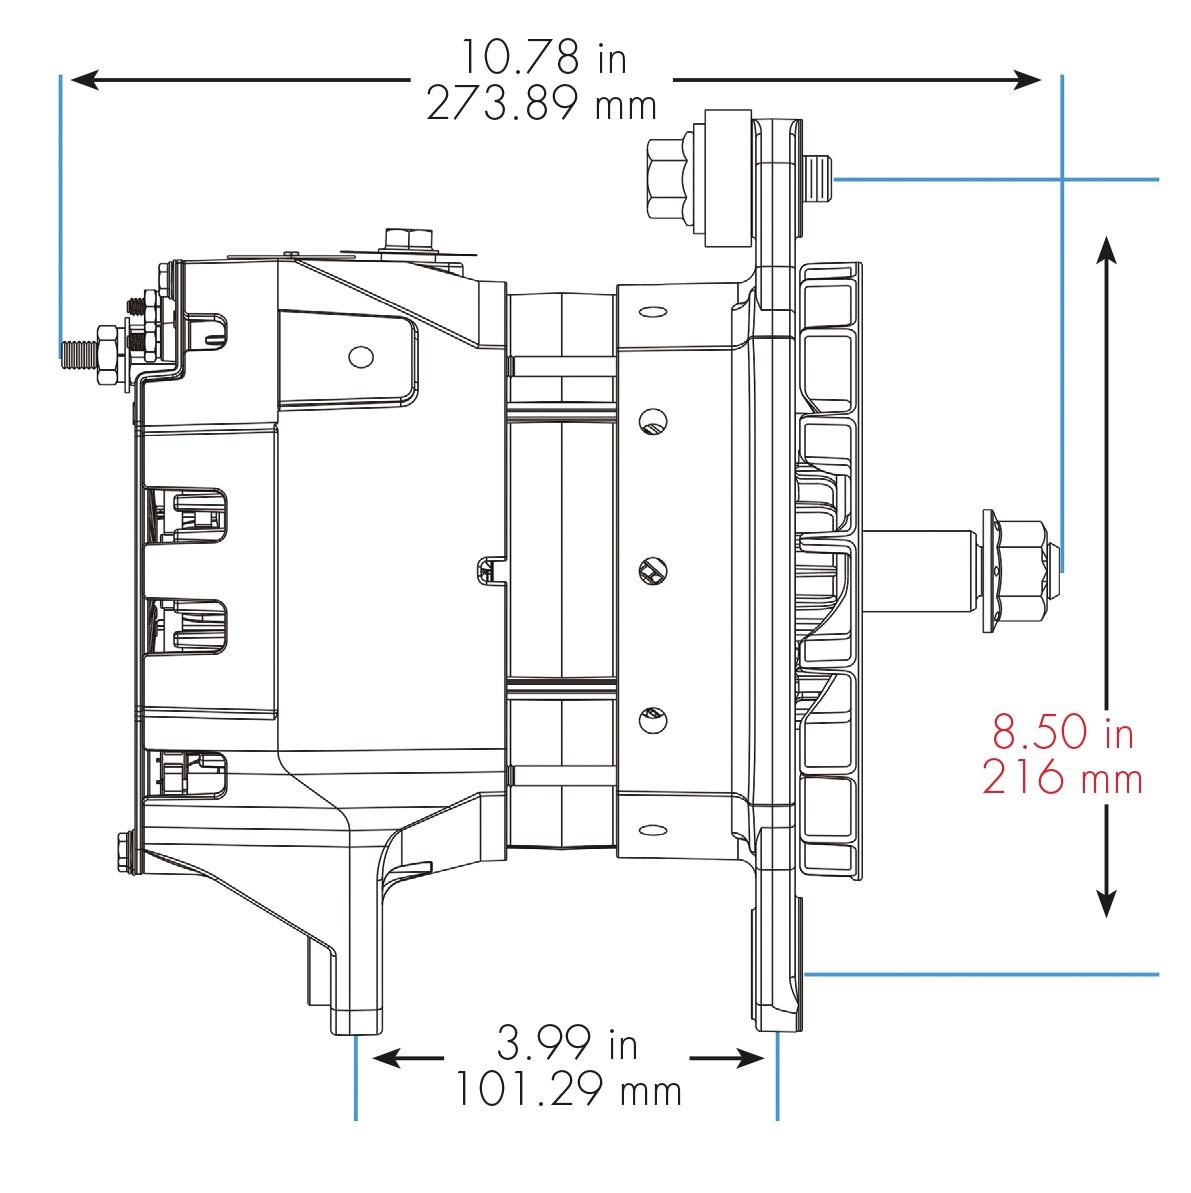 two wire acdelco alternator wiring schematic chevy 4 wire delco alternator farmall 706 wiring diagram [ 1191 x 1193 Pixel ]